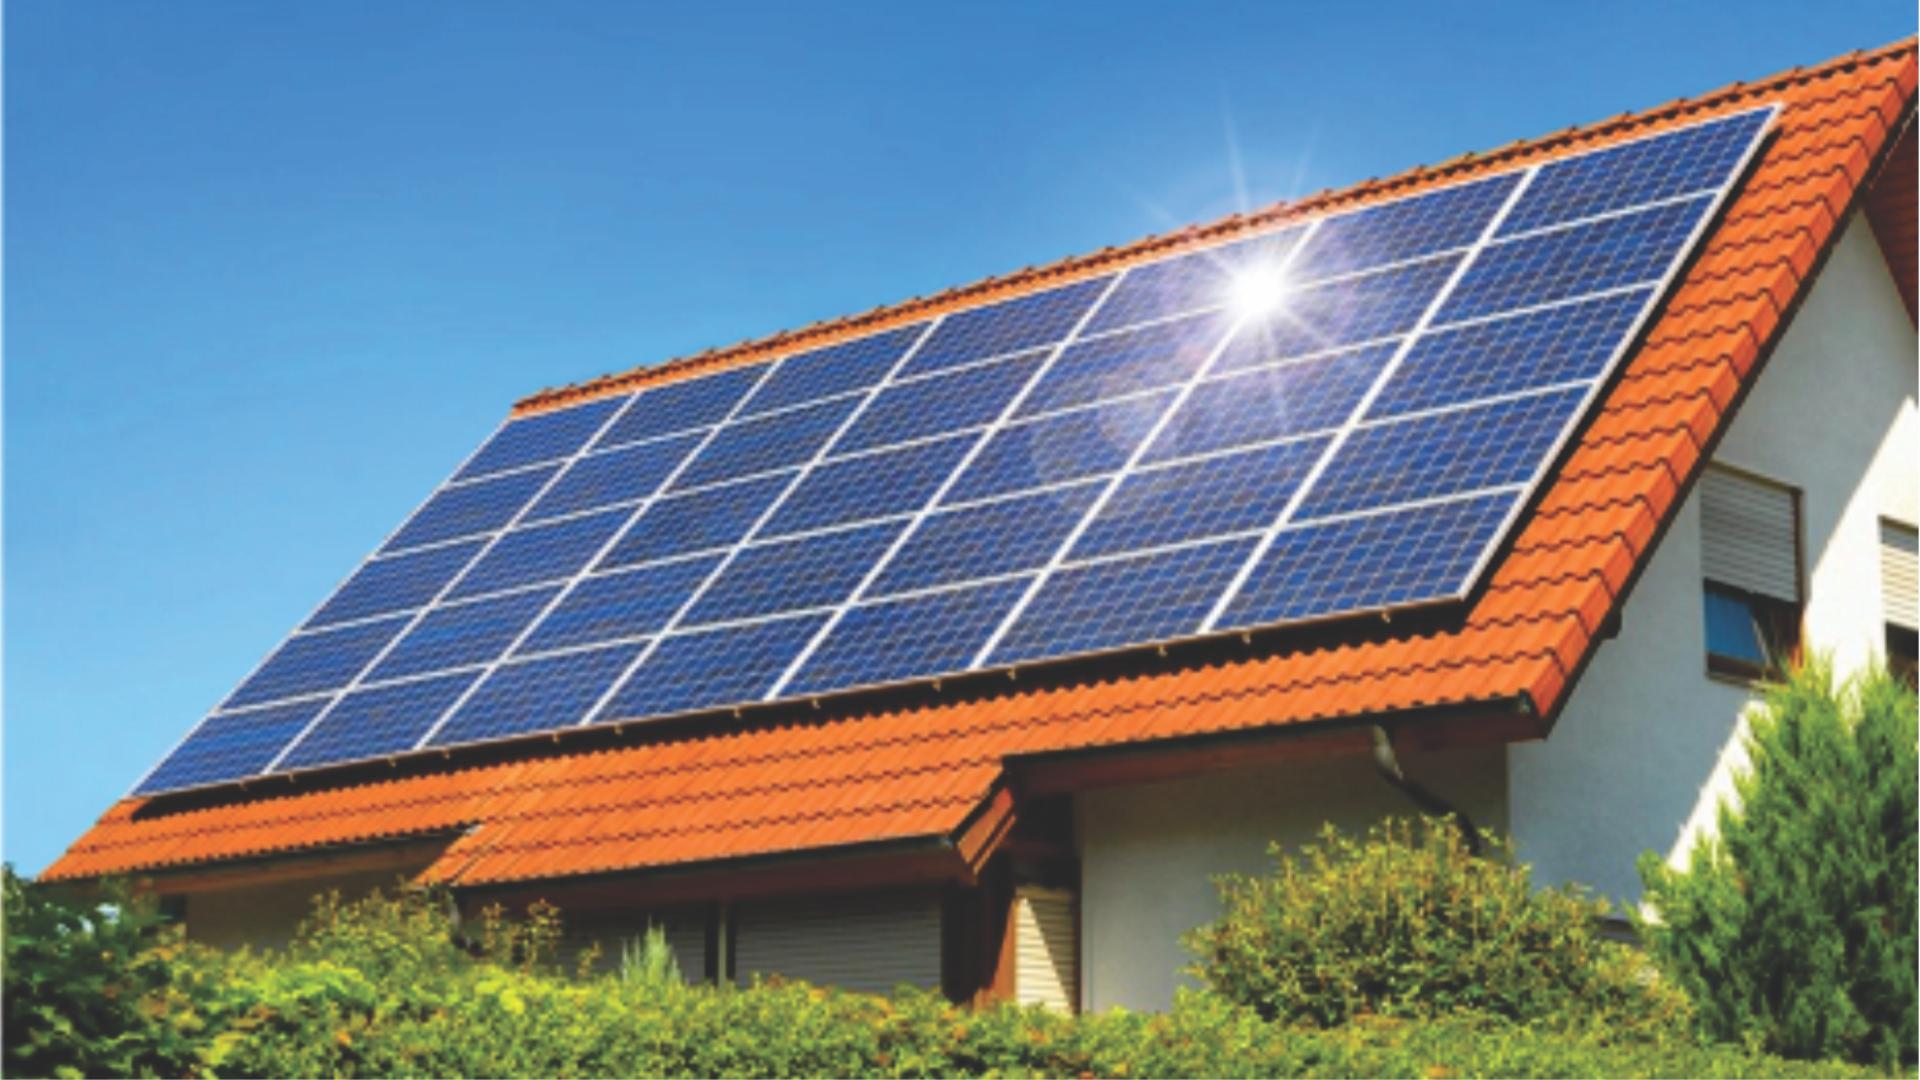 Energia Solar Fotovoltaica: Como economizar com essa nova tecnologia